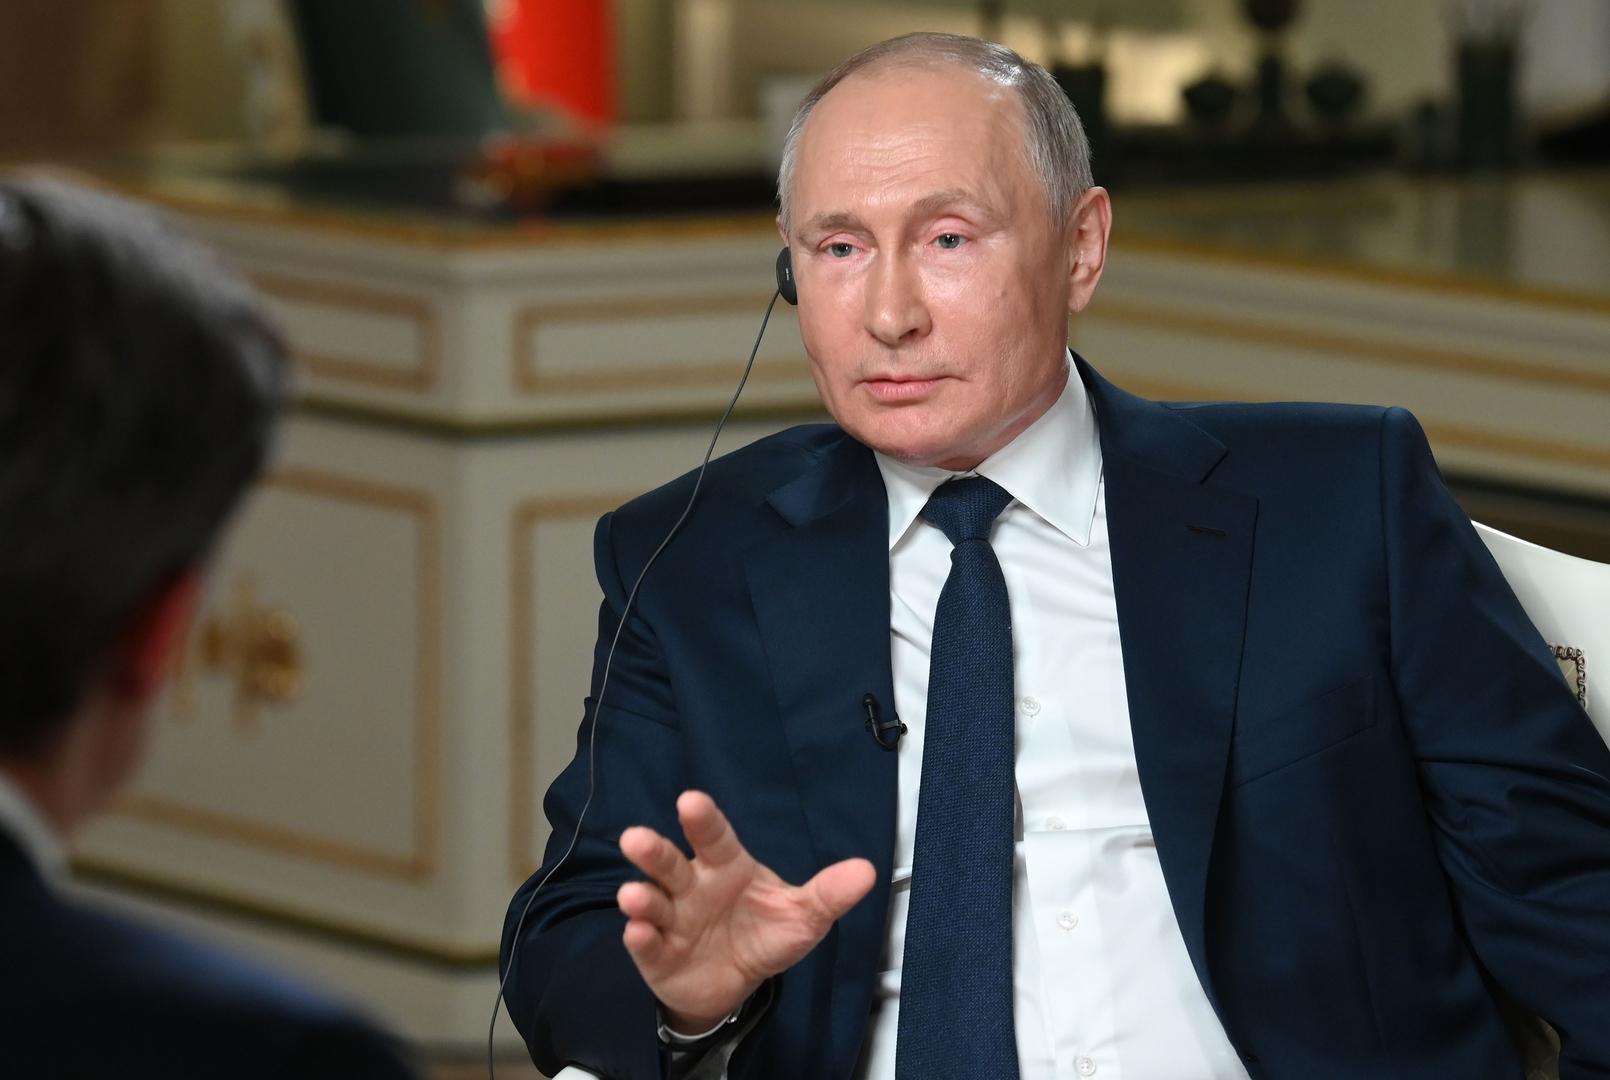 بوتين: روسيا لا تعتبر الصين تهديدا لها